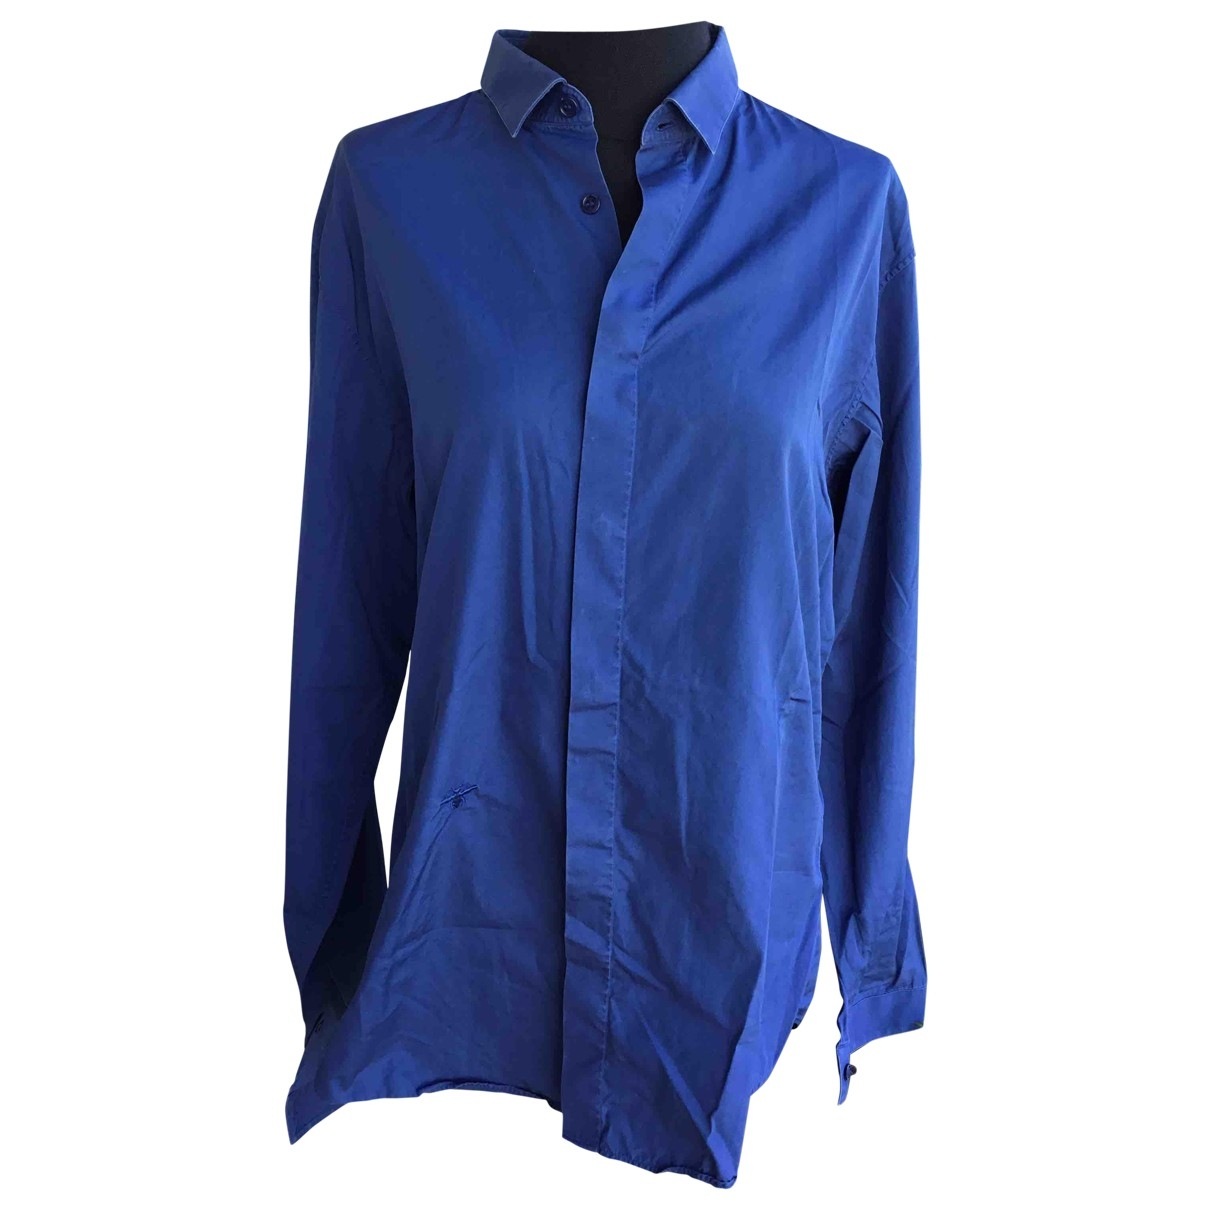 Dior Homme \N Navy Cotton Shirts for Men 40 EU (tour de cou / collar)